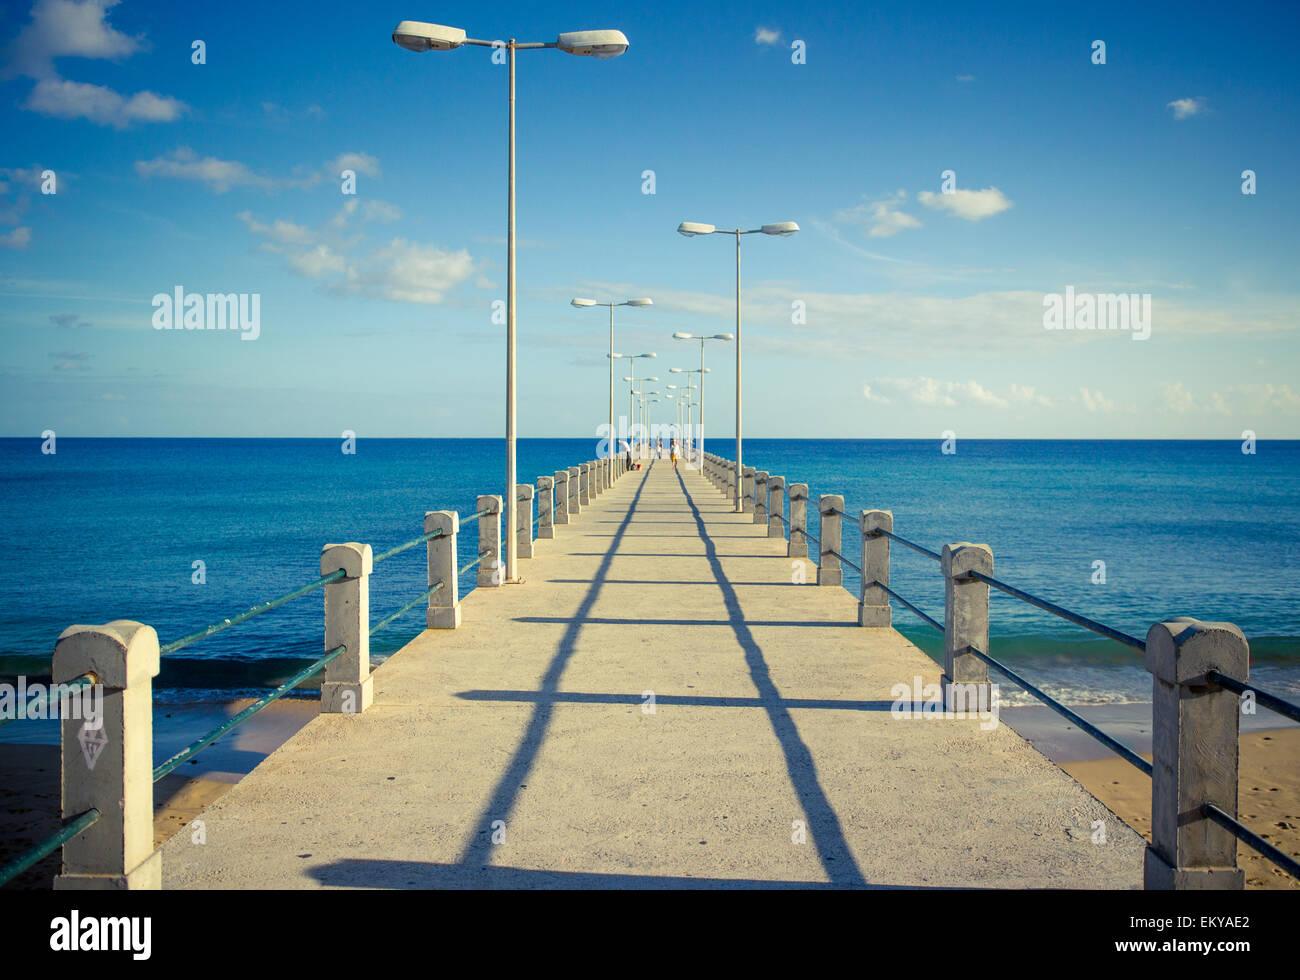 Wharfage to the Infinite - Stock Image